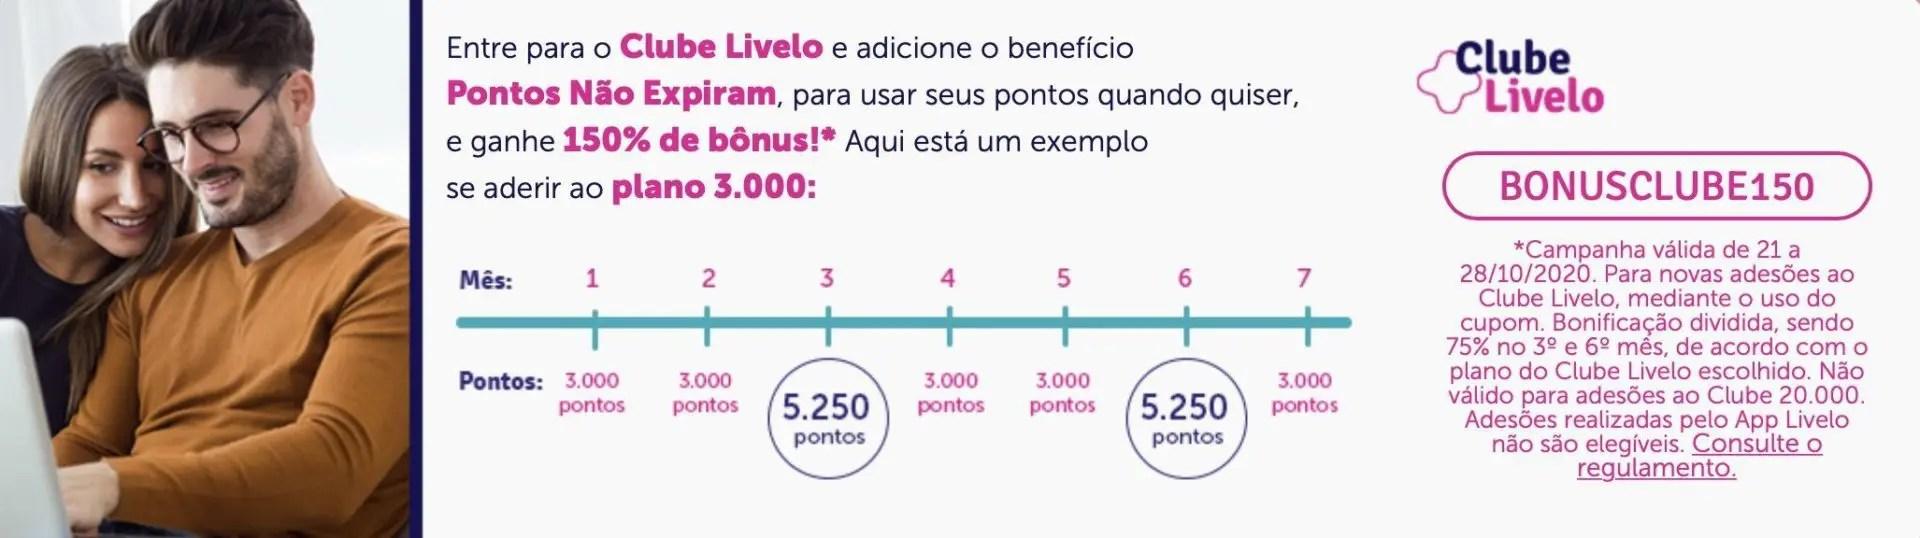 Cupom Livelo Clube Livelo 75% bônus